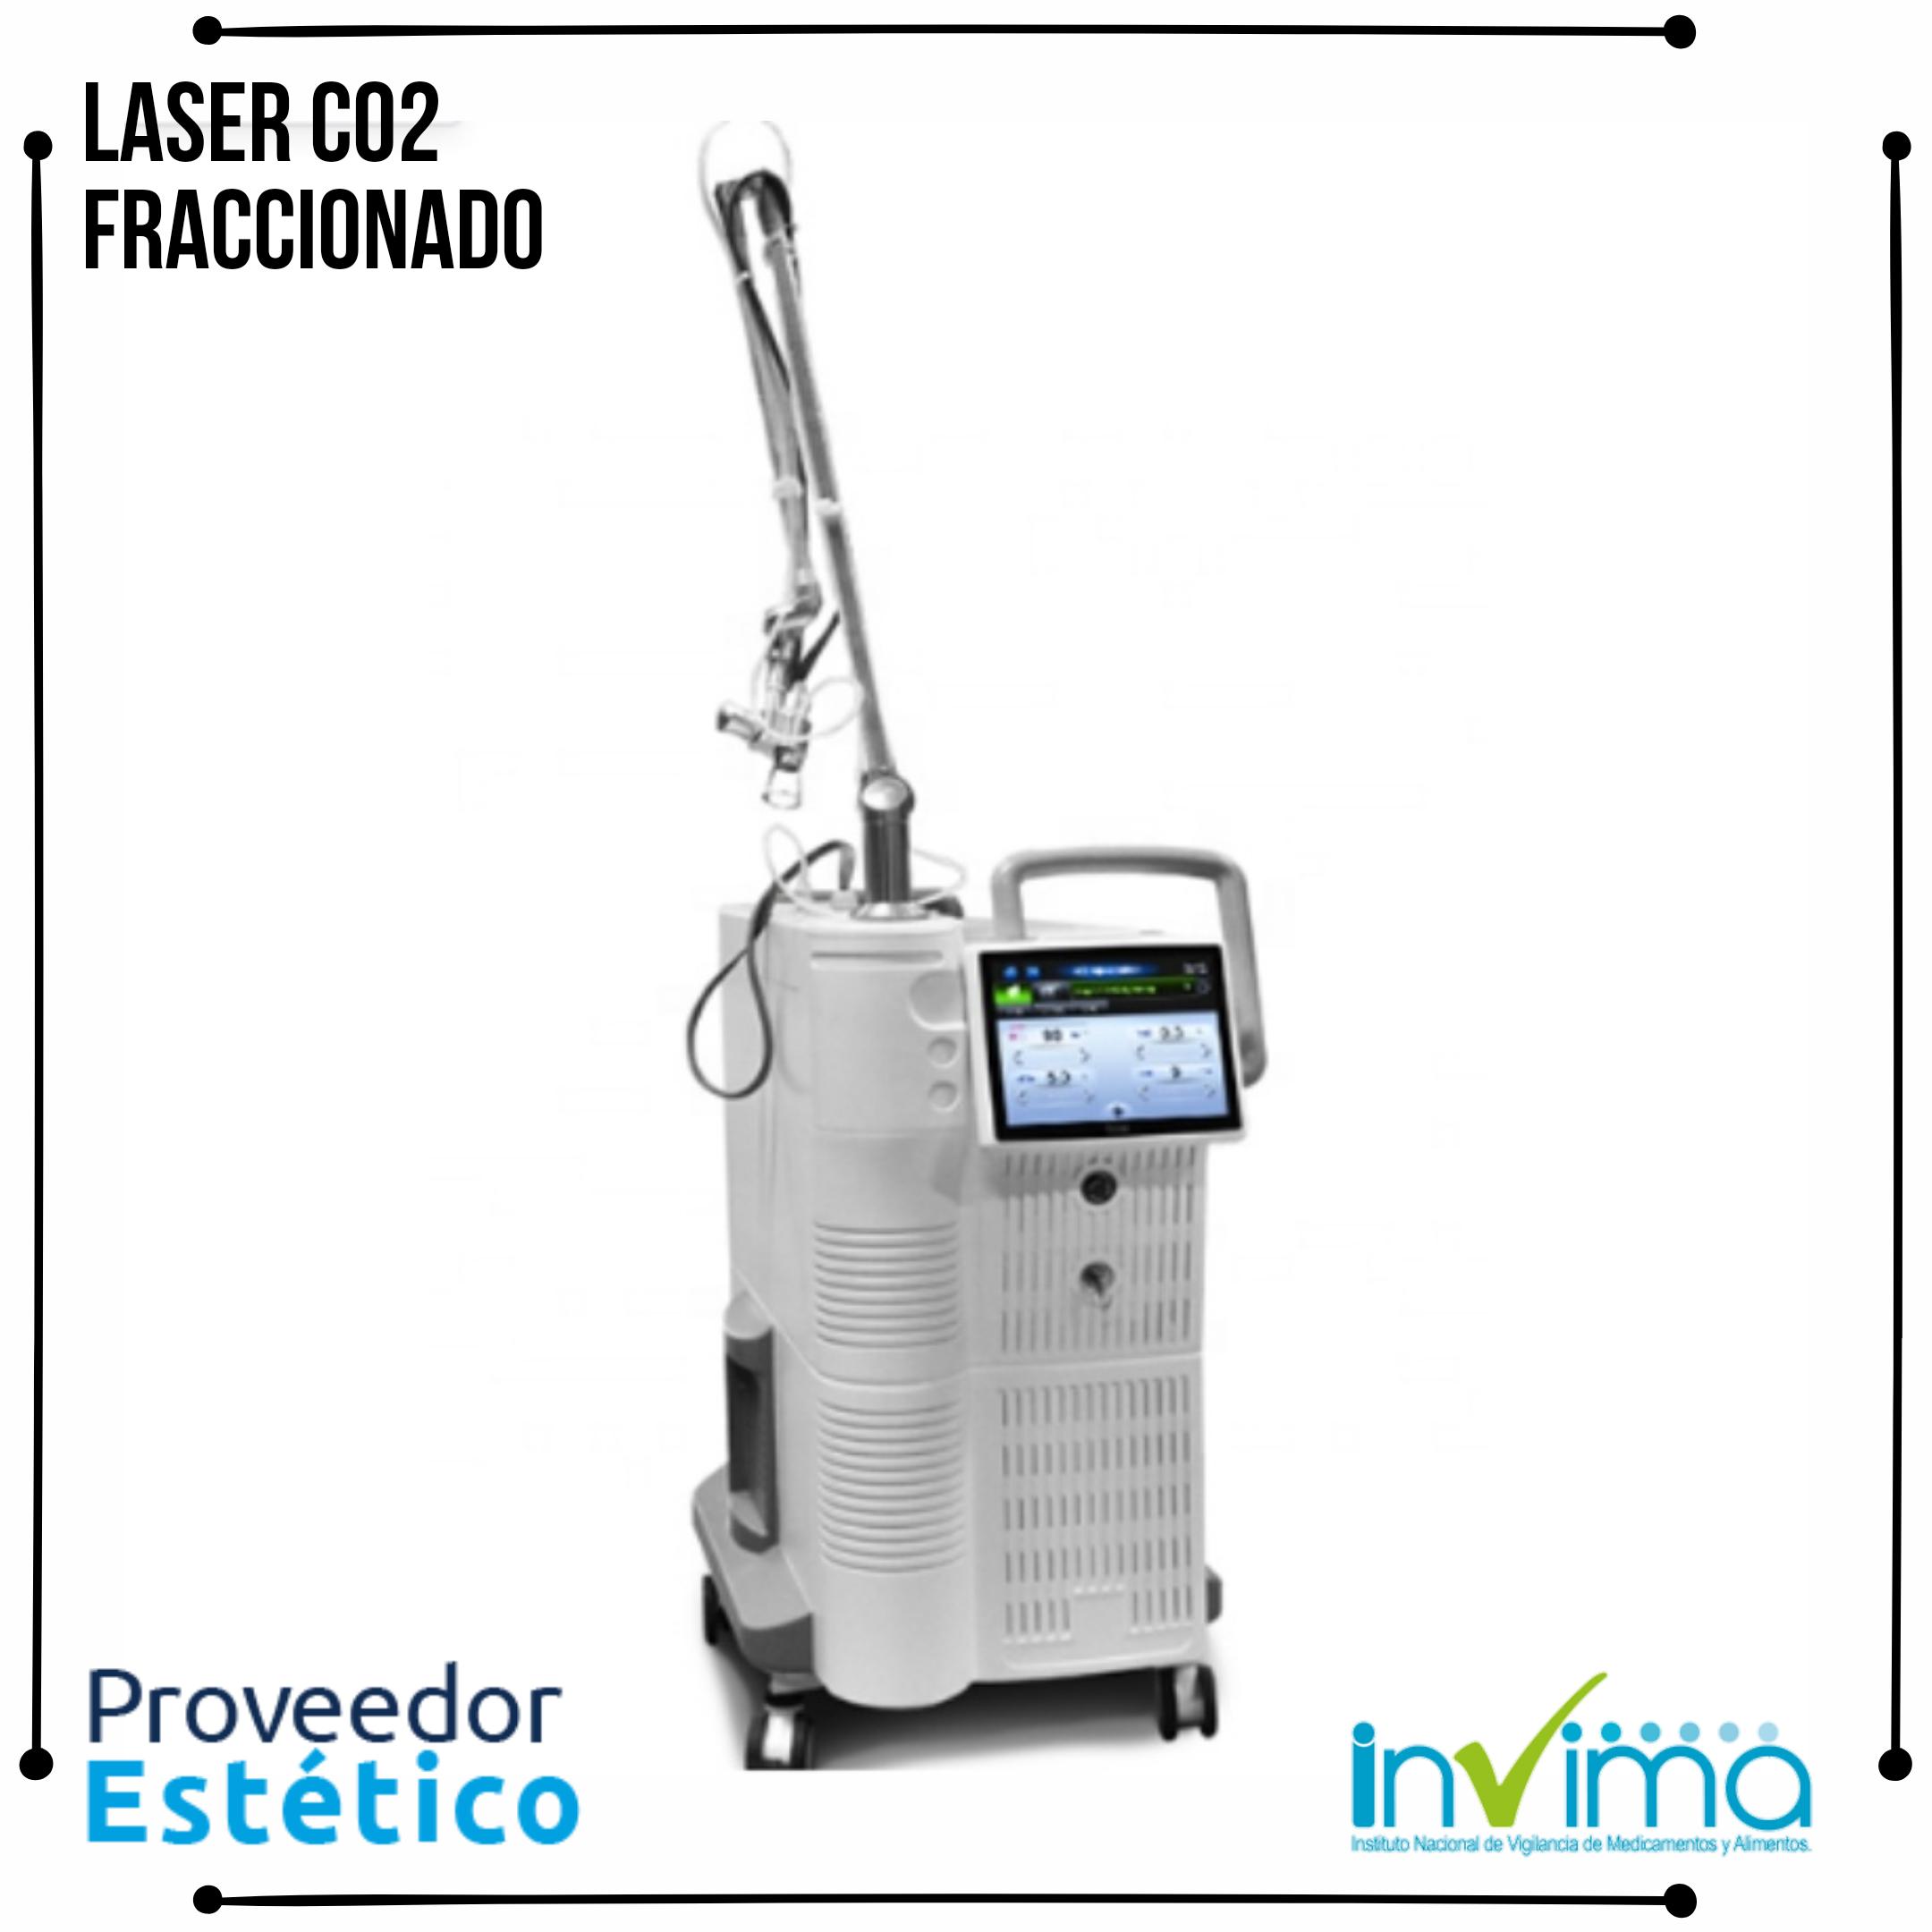 https://0201.nccdn.net/4_2/000/000/05e/0e7/laserco2fraccionado_3.png